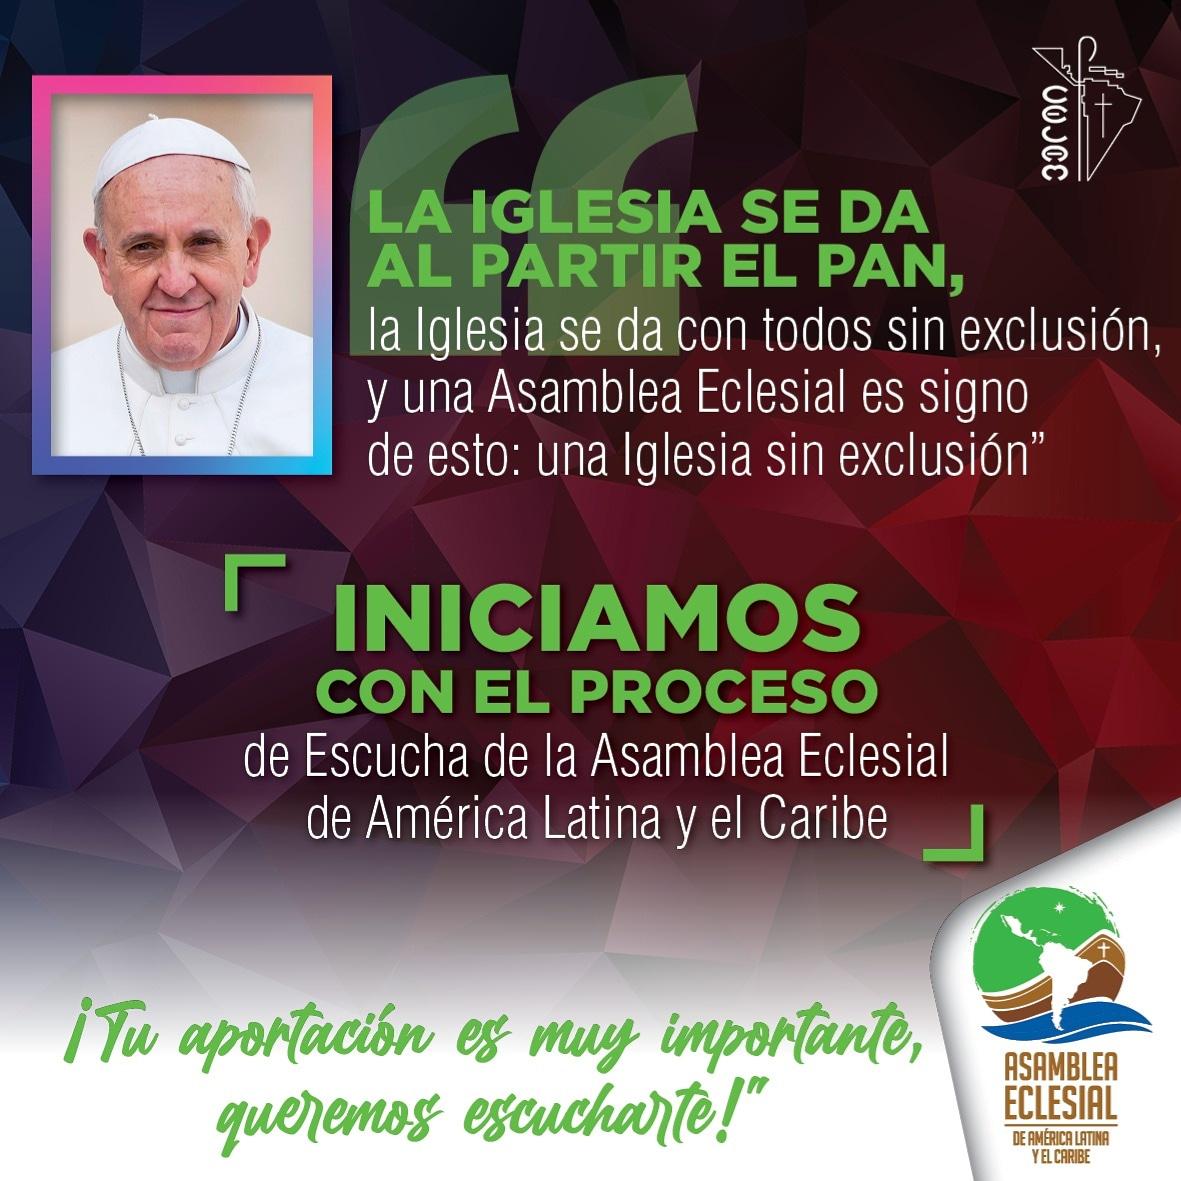 Inicia proceso de escucha de la Asamblea Eclesial de América Latina y El Caribe